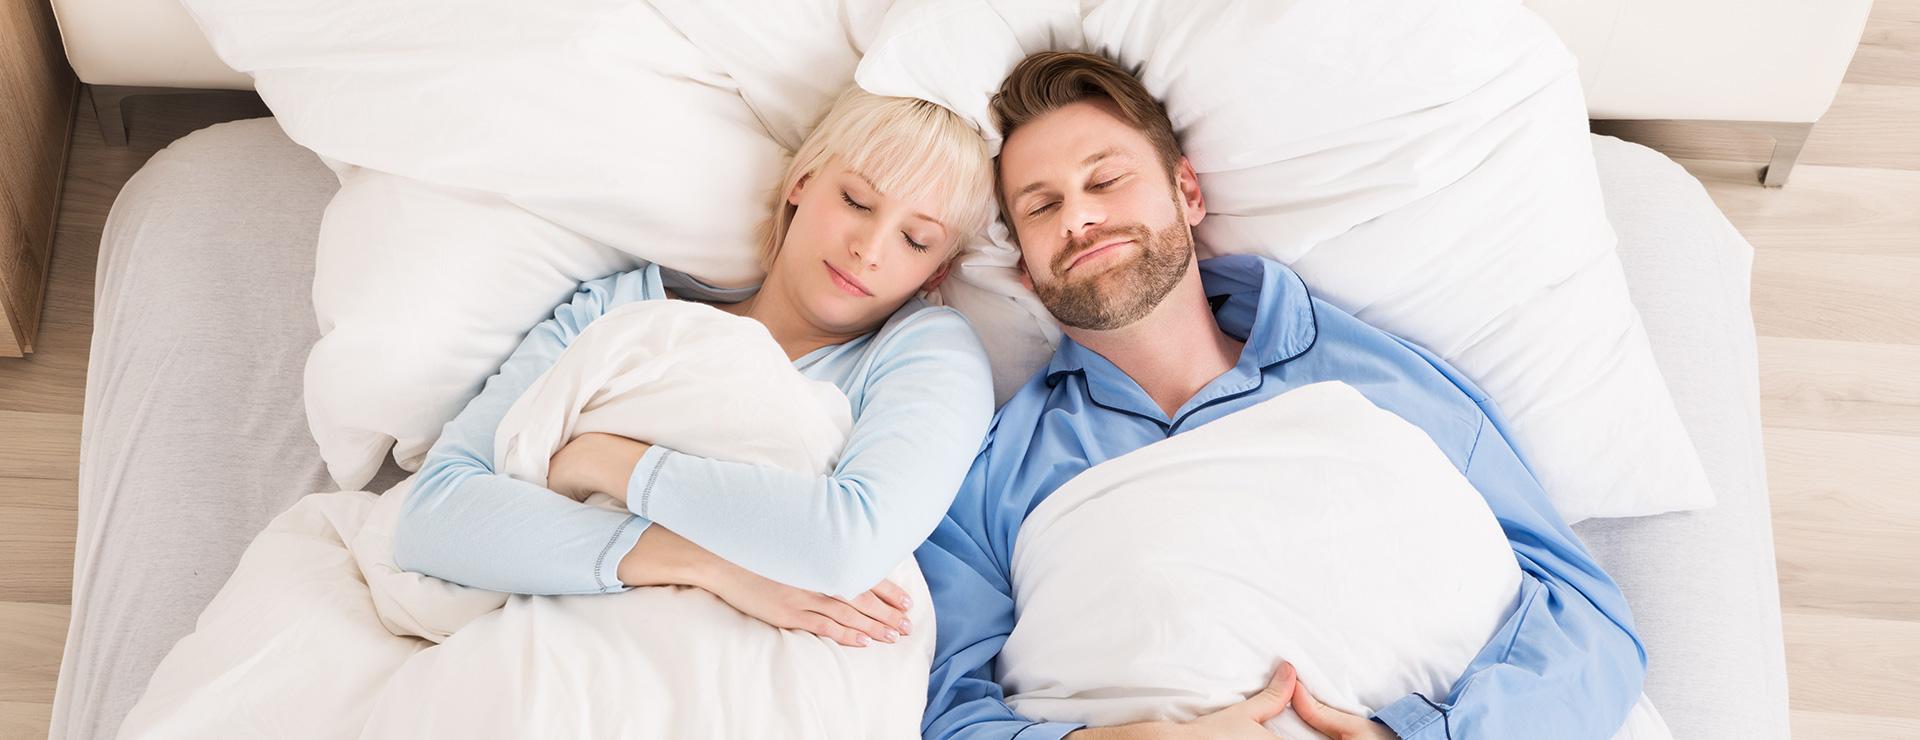 dormir-sur-ledormir-sur-le-dos-ce-qu-il-faut-savoir-dos-ce-qu-il-faut-savoir